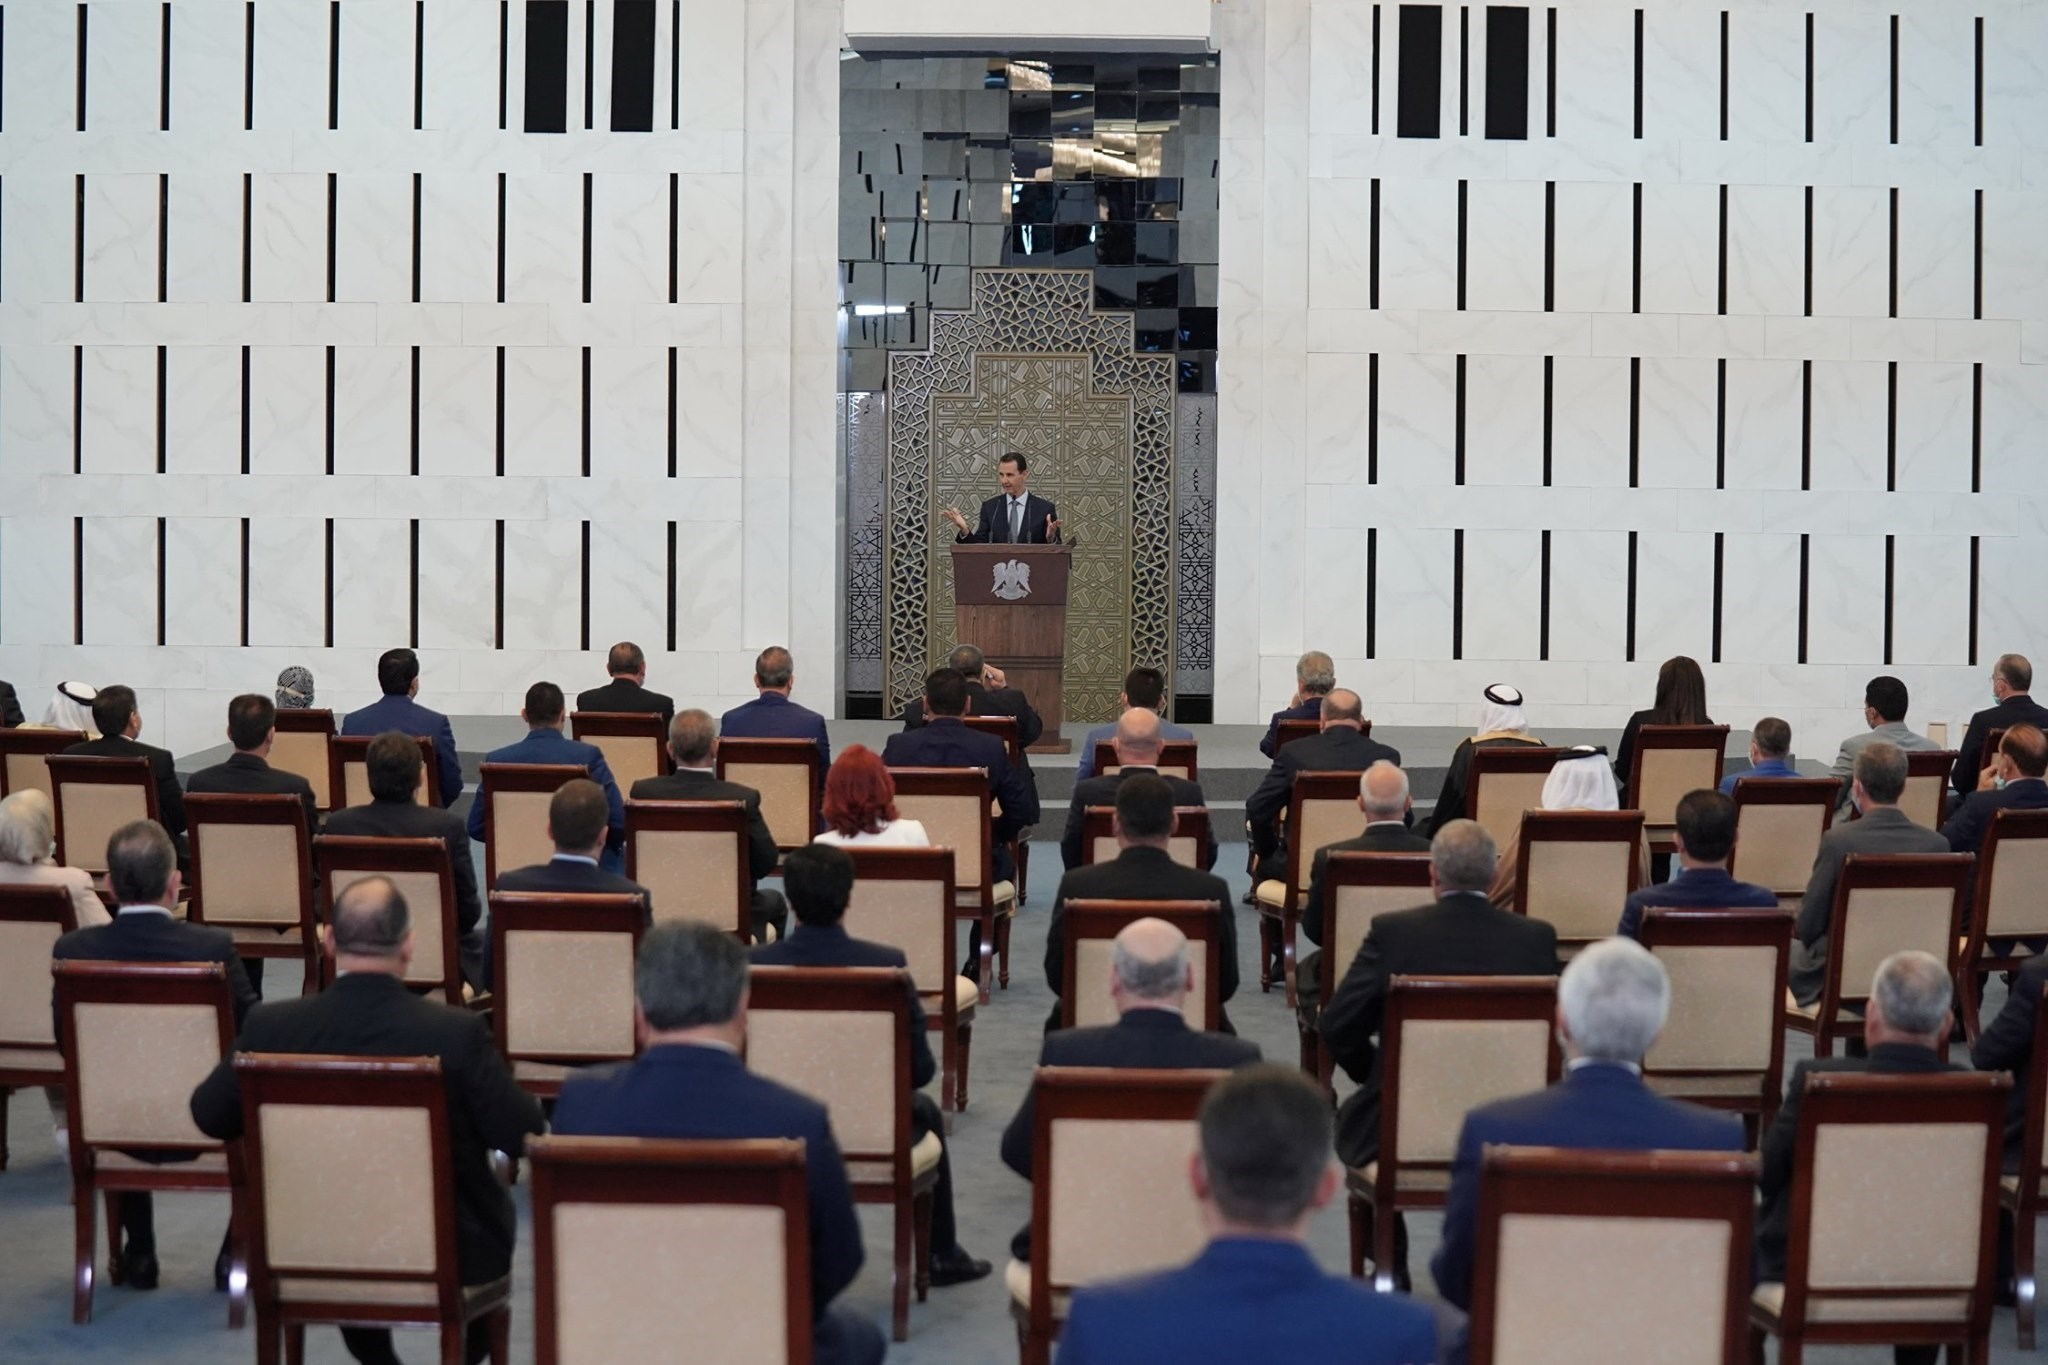 في كلمة الرئيس الأسد أمام البرلمان اليوم وجه لفلسطين رسالة أنها باقية في قلب دمشق